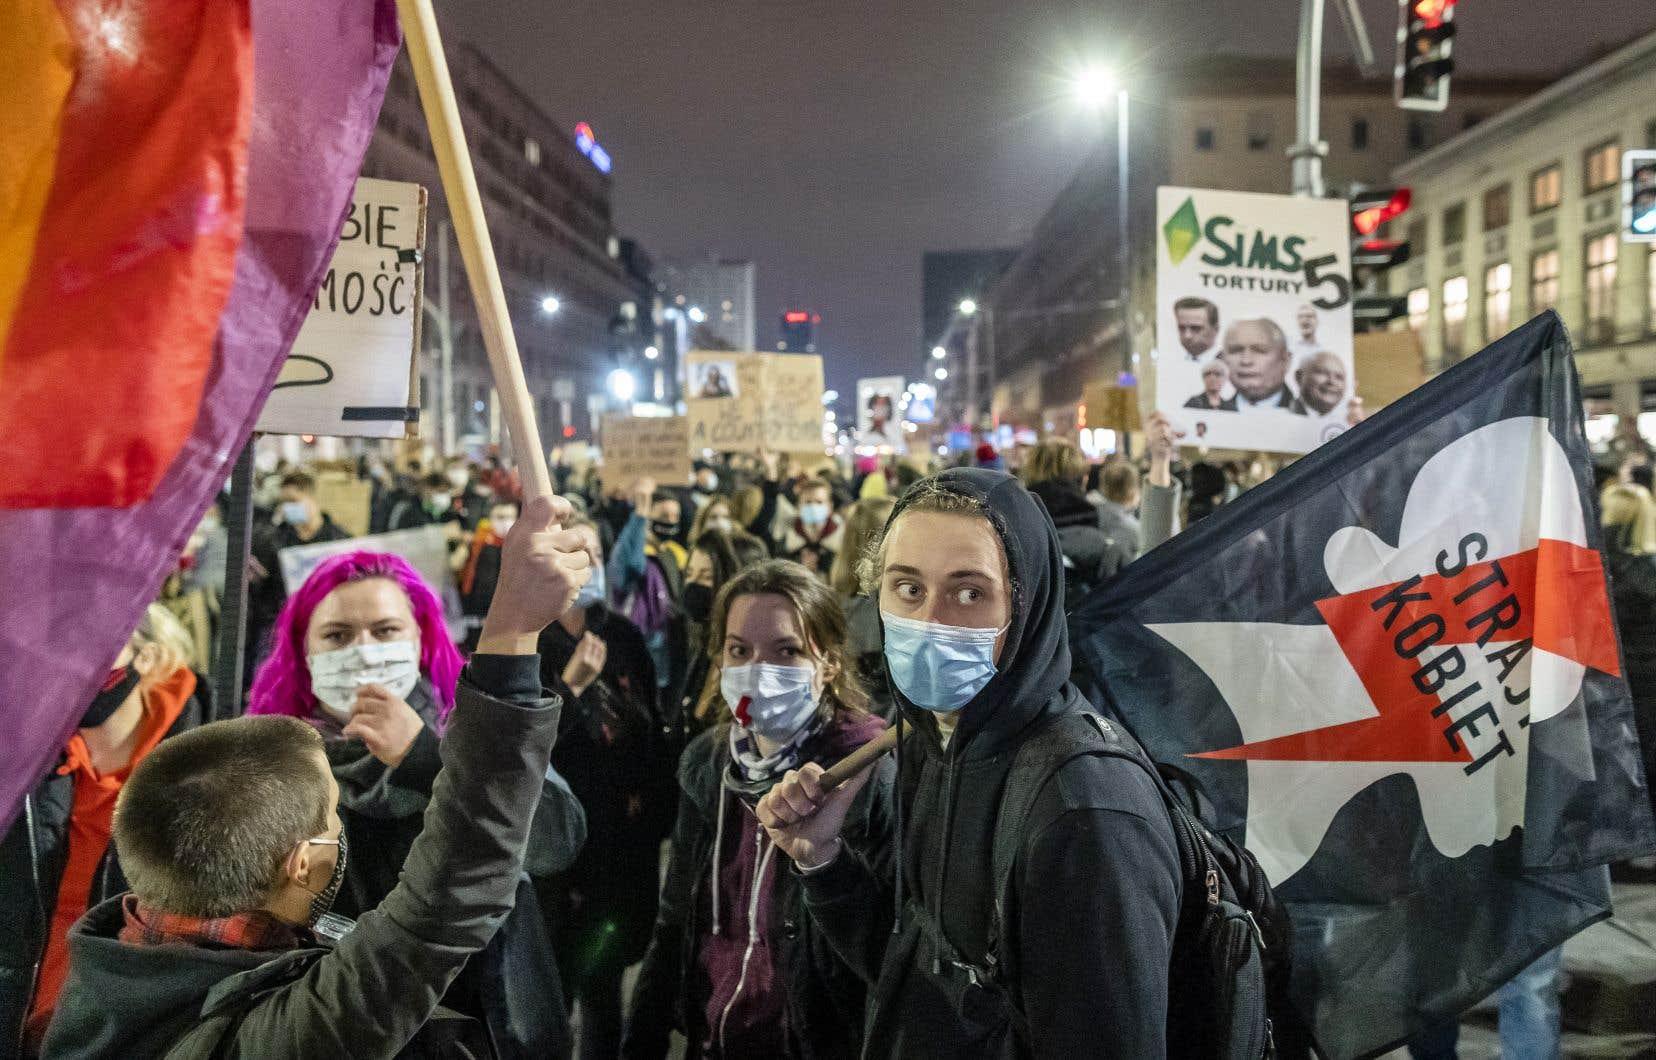 L'indignation bat son plein en Pologne, après l'arrêt du Tribunal constitutionnel, inféodé au parti national-conservateur Droit et Justice (PiS), jugeant illégal l'avortement en cas de malformation du fœtus.